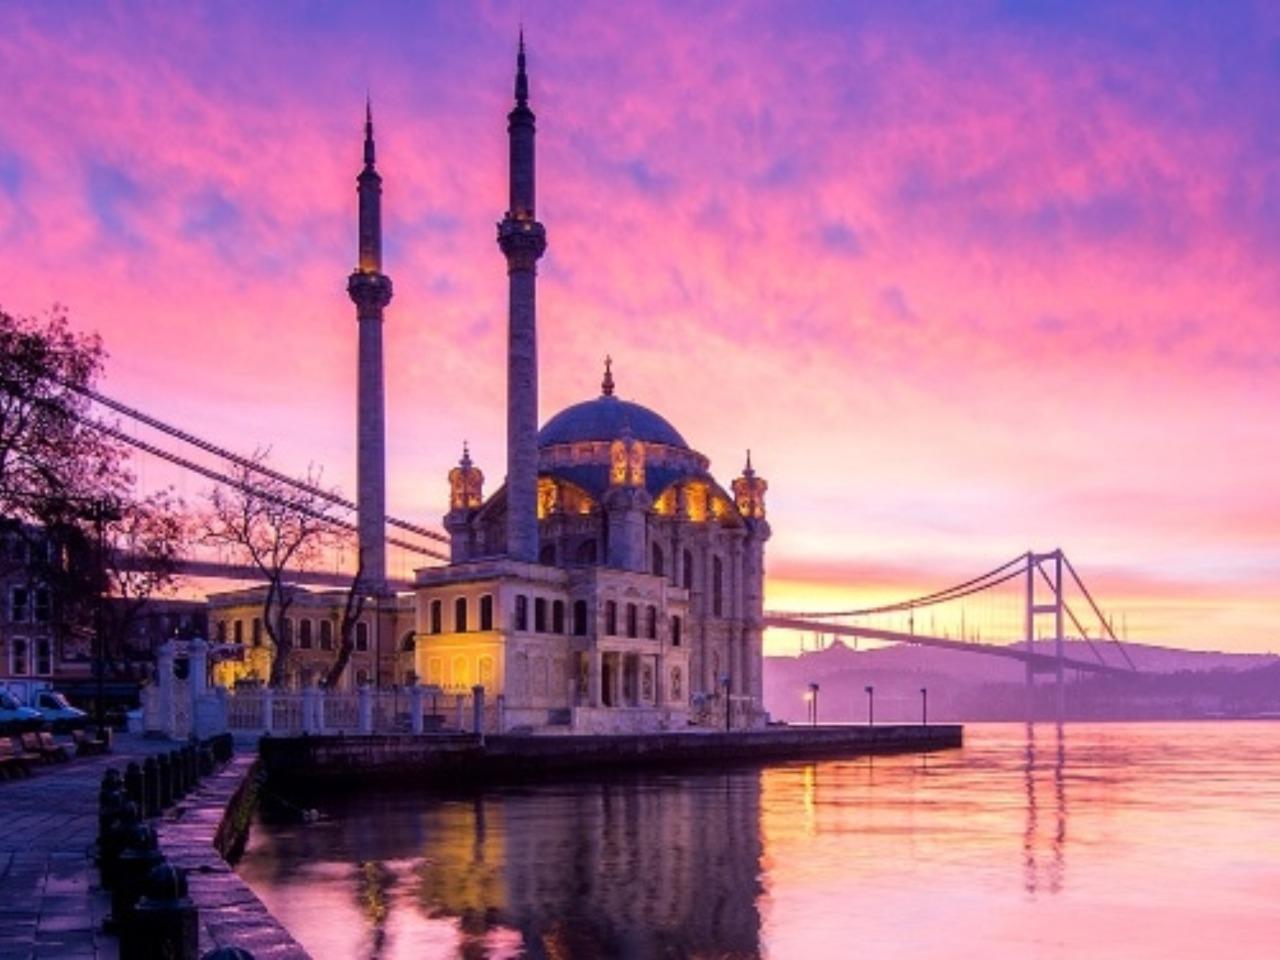 Стамбул чарующий - индивидуальная экскурсия в Стамбуле от опытного гида